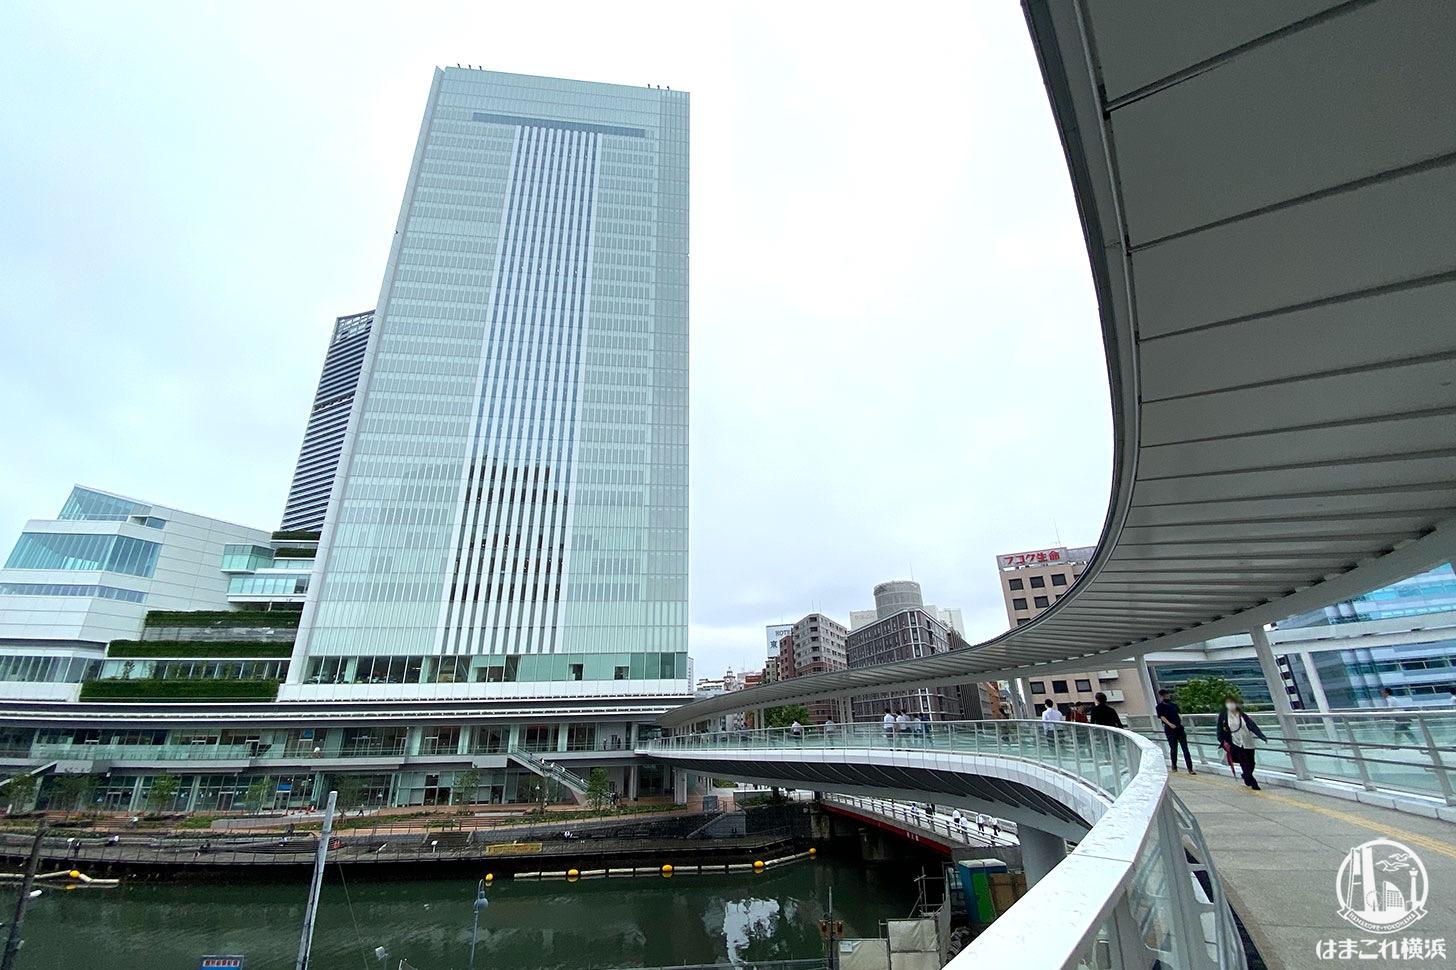 さくらみらい橋、横浜市庁舎から桜木町駅まで歩いてみた!新南口との位置関係